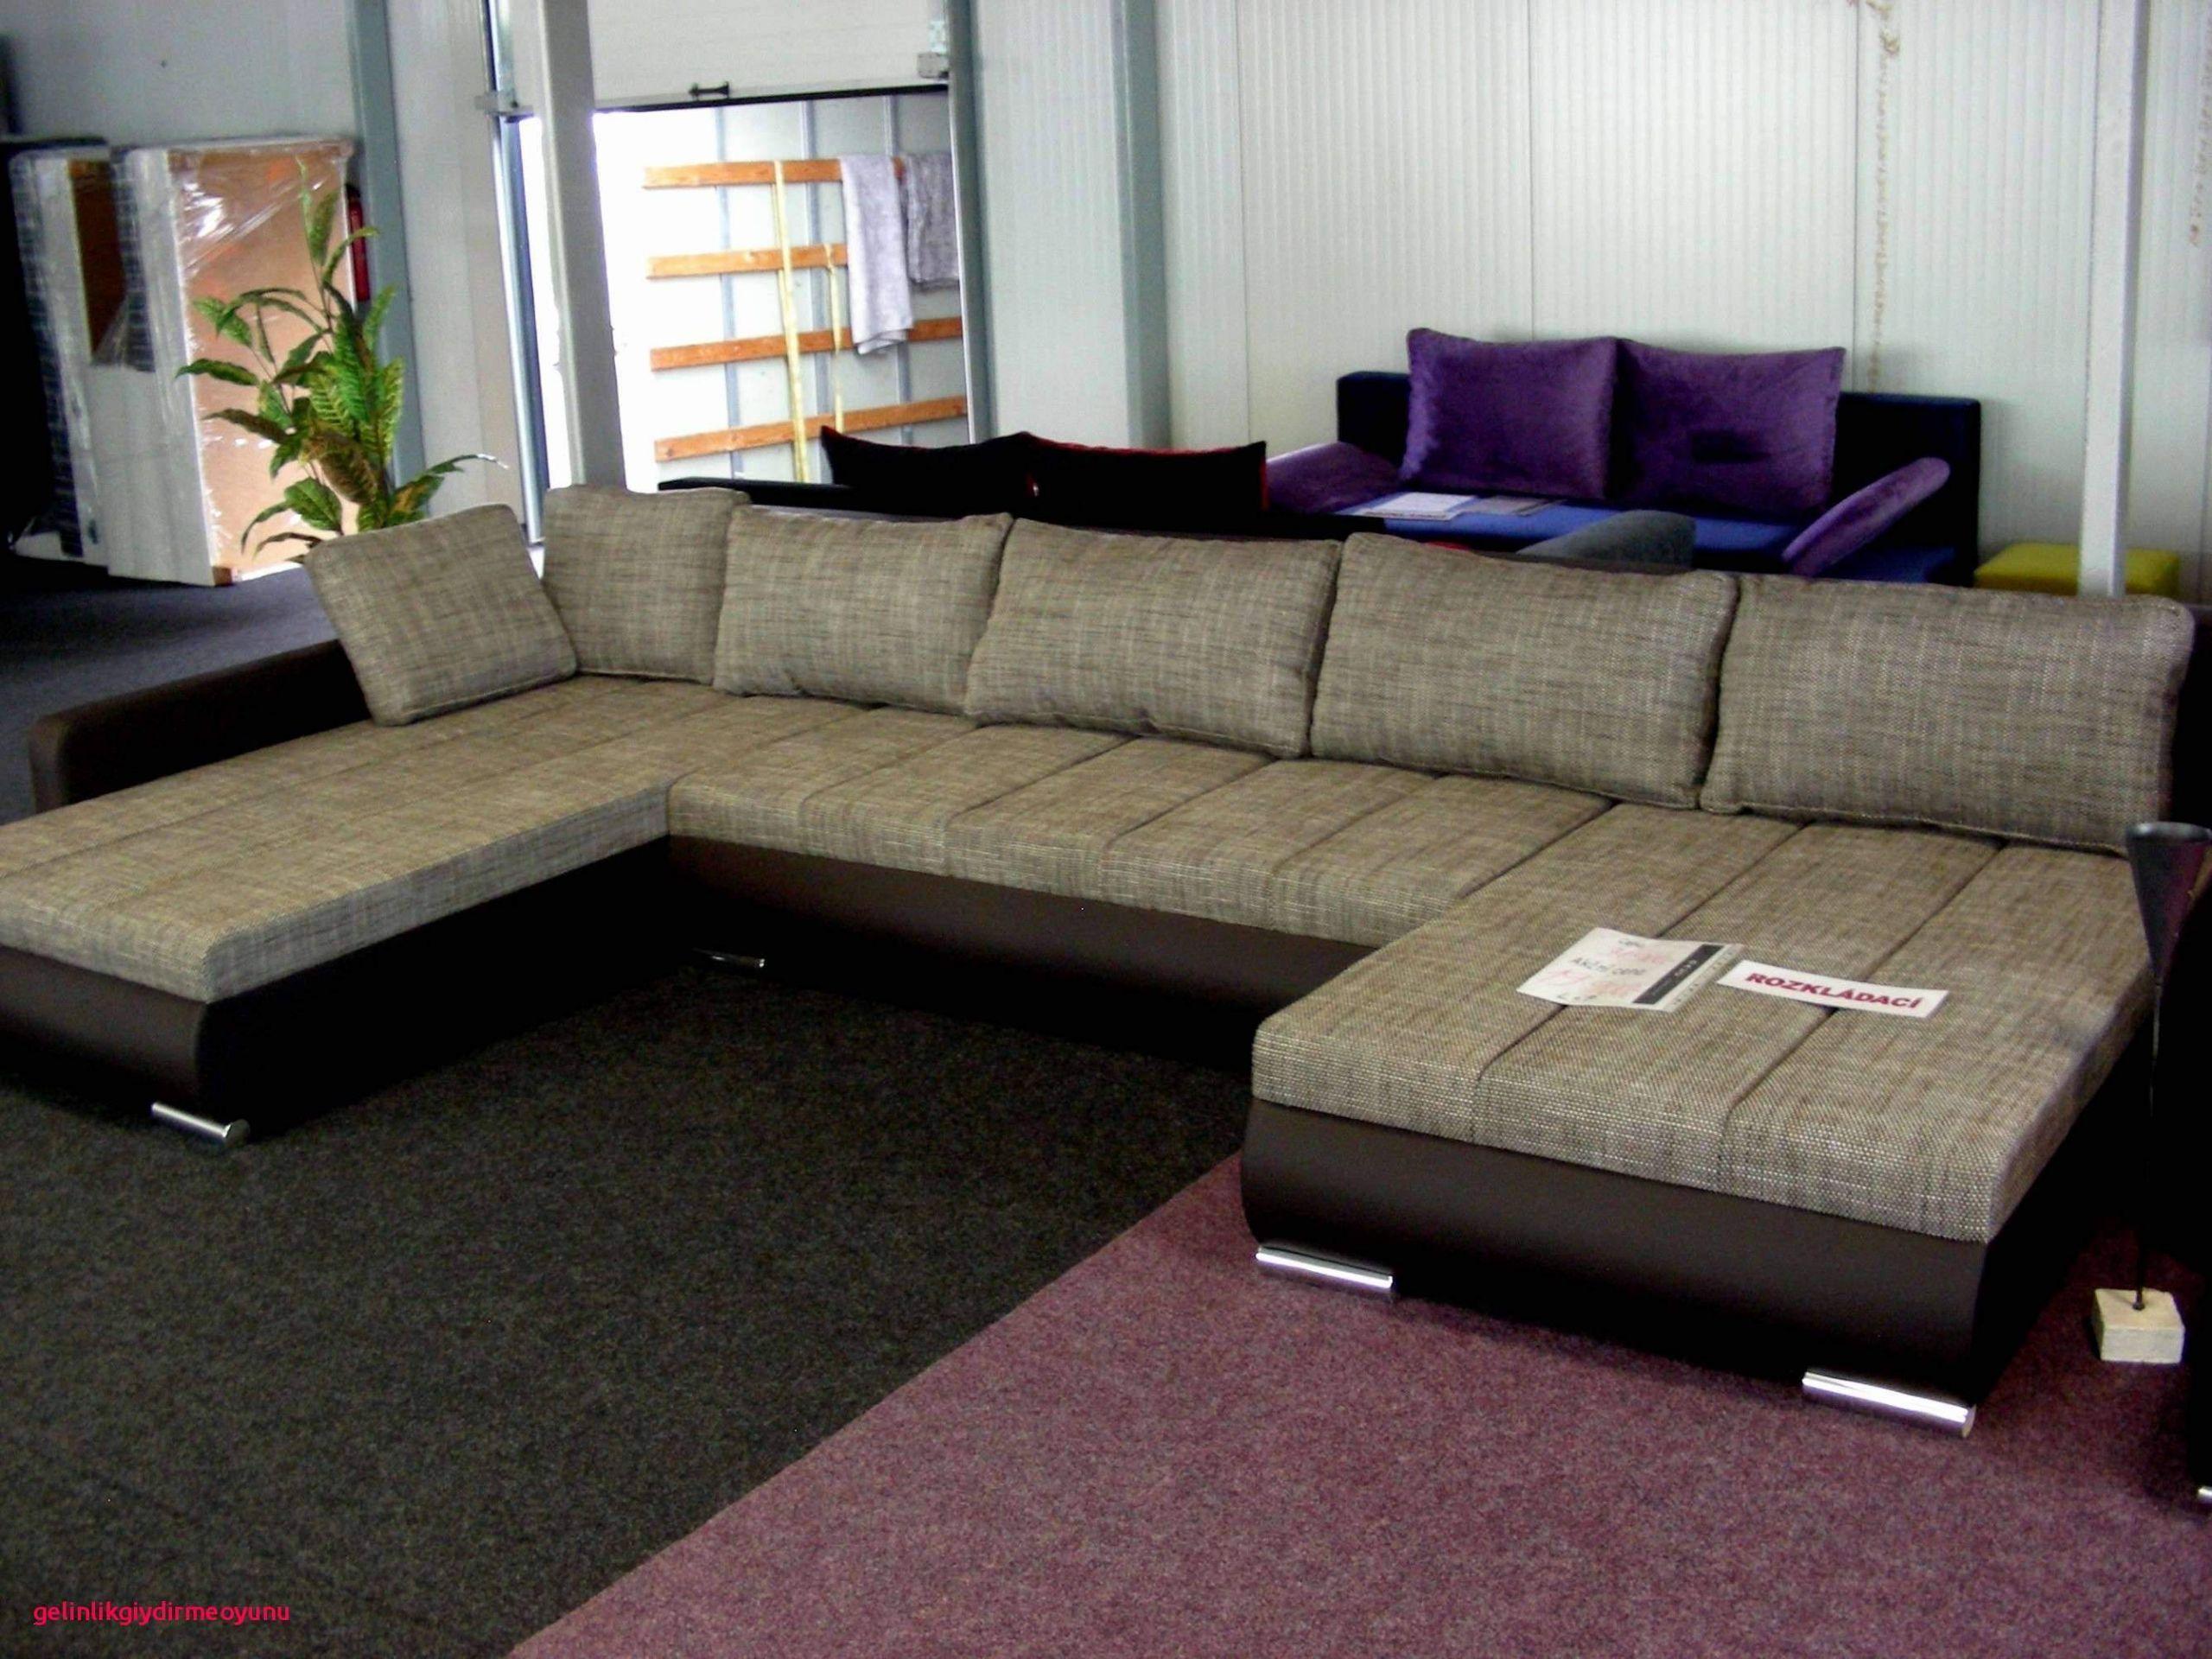 Full Size of Graues Sofa Brauner Teppich Welche Kissen Graue Couch Ikea Dekorieren Blauer Wandfarbe Wohnzimmer Passt Kleines Kino Reizend Neu Ideen Inhofer Husse 2er Grau Sofa Graues Sofa